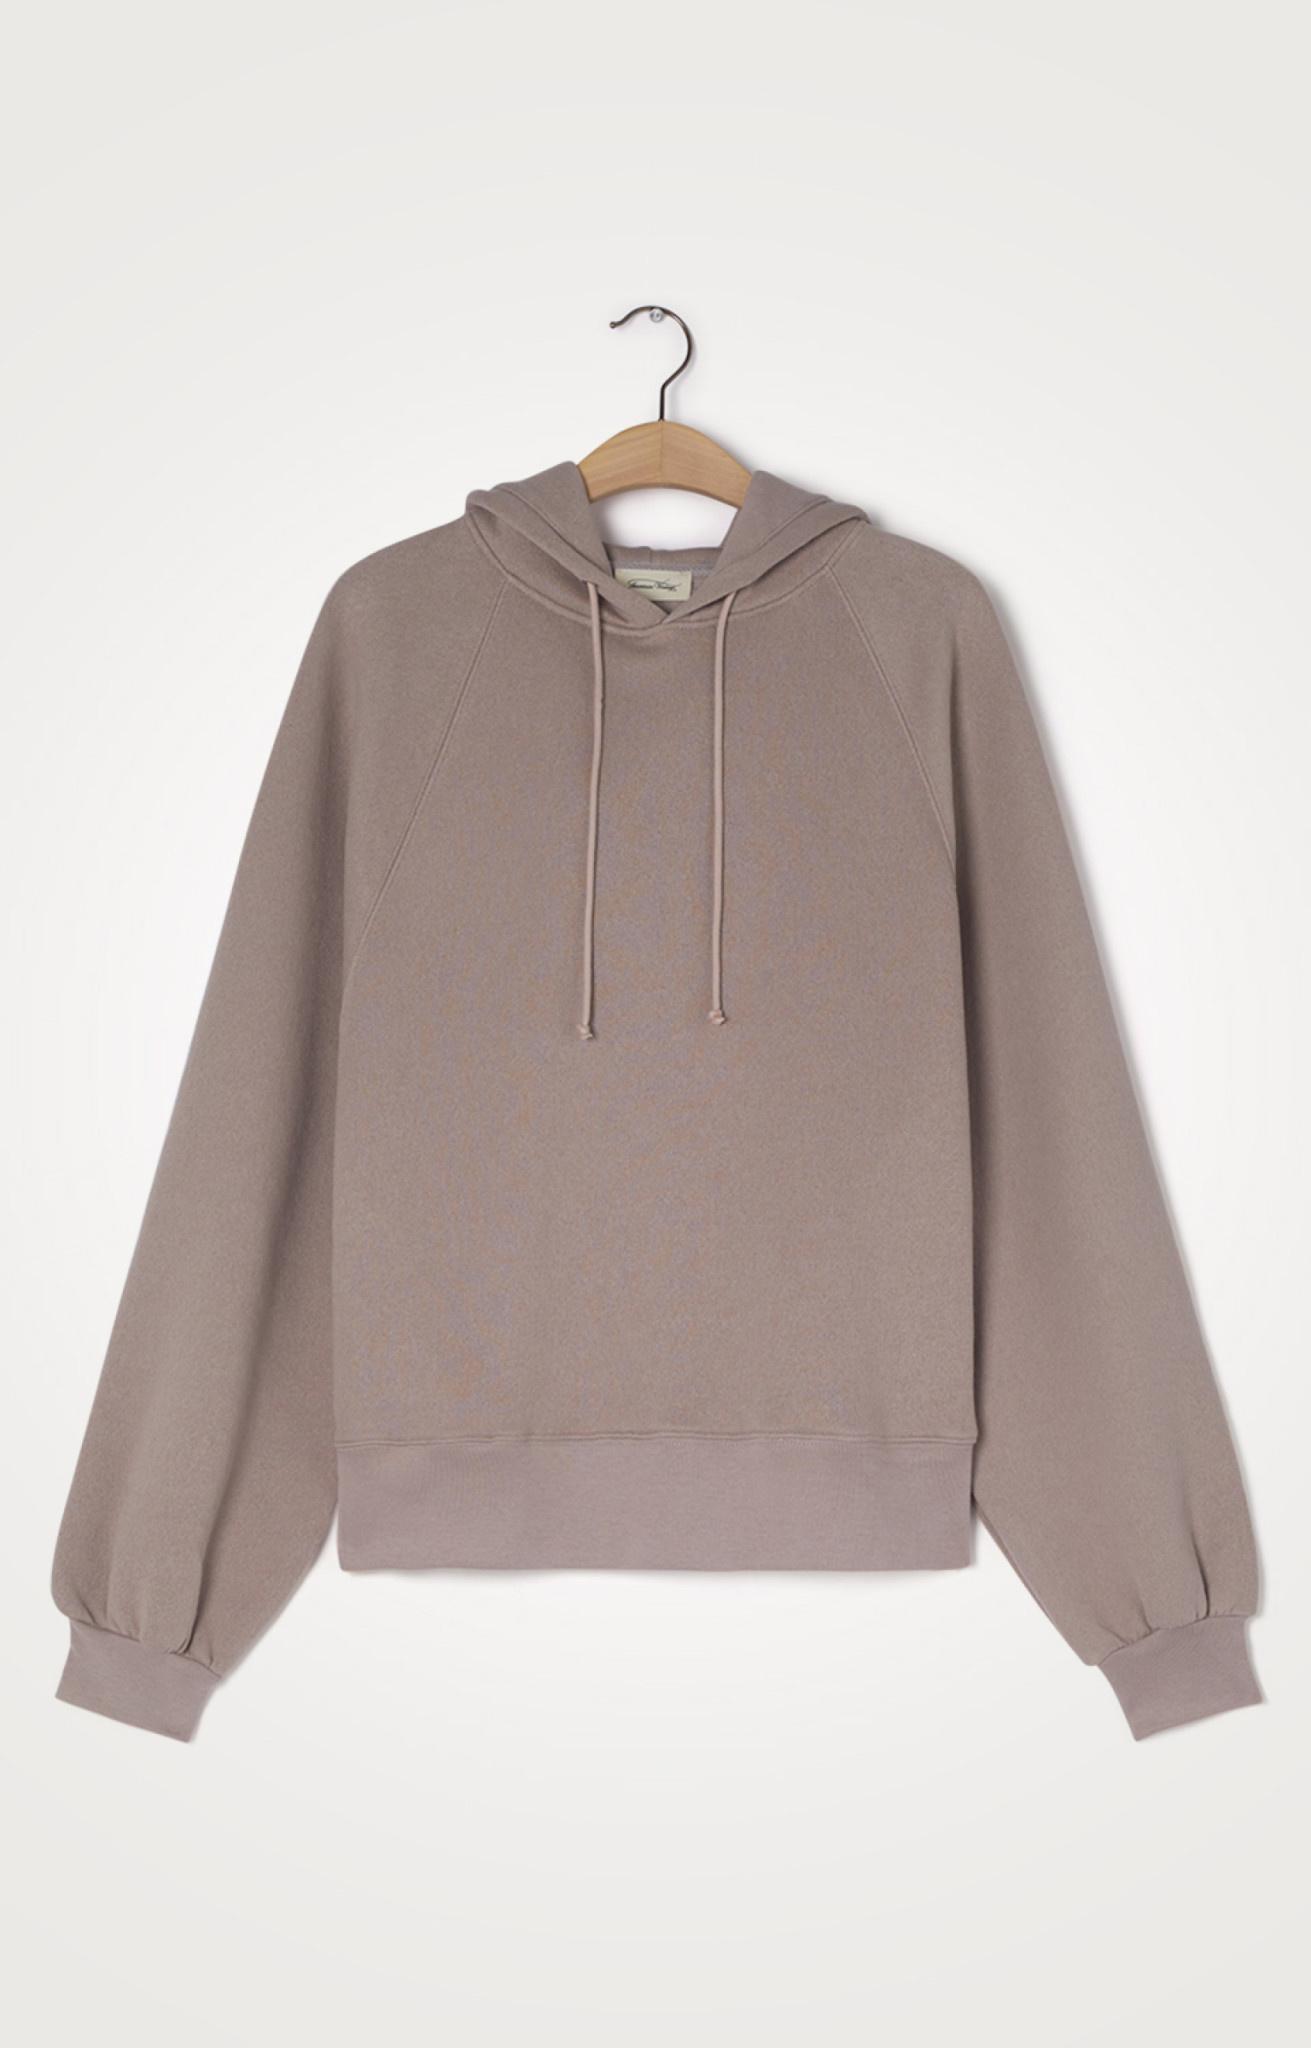 Ikatown Hoodie Sweatshirt Taupe Brown-1